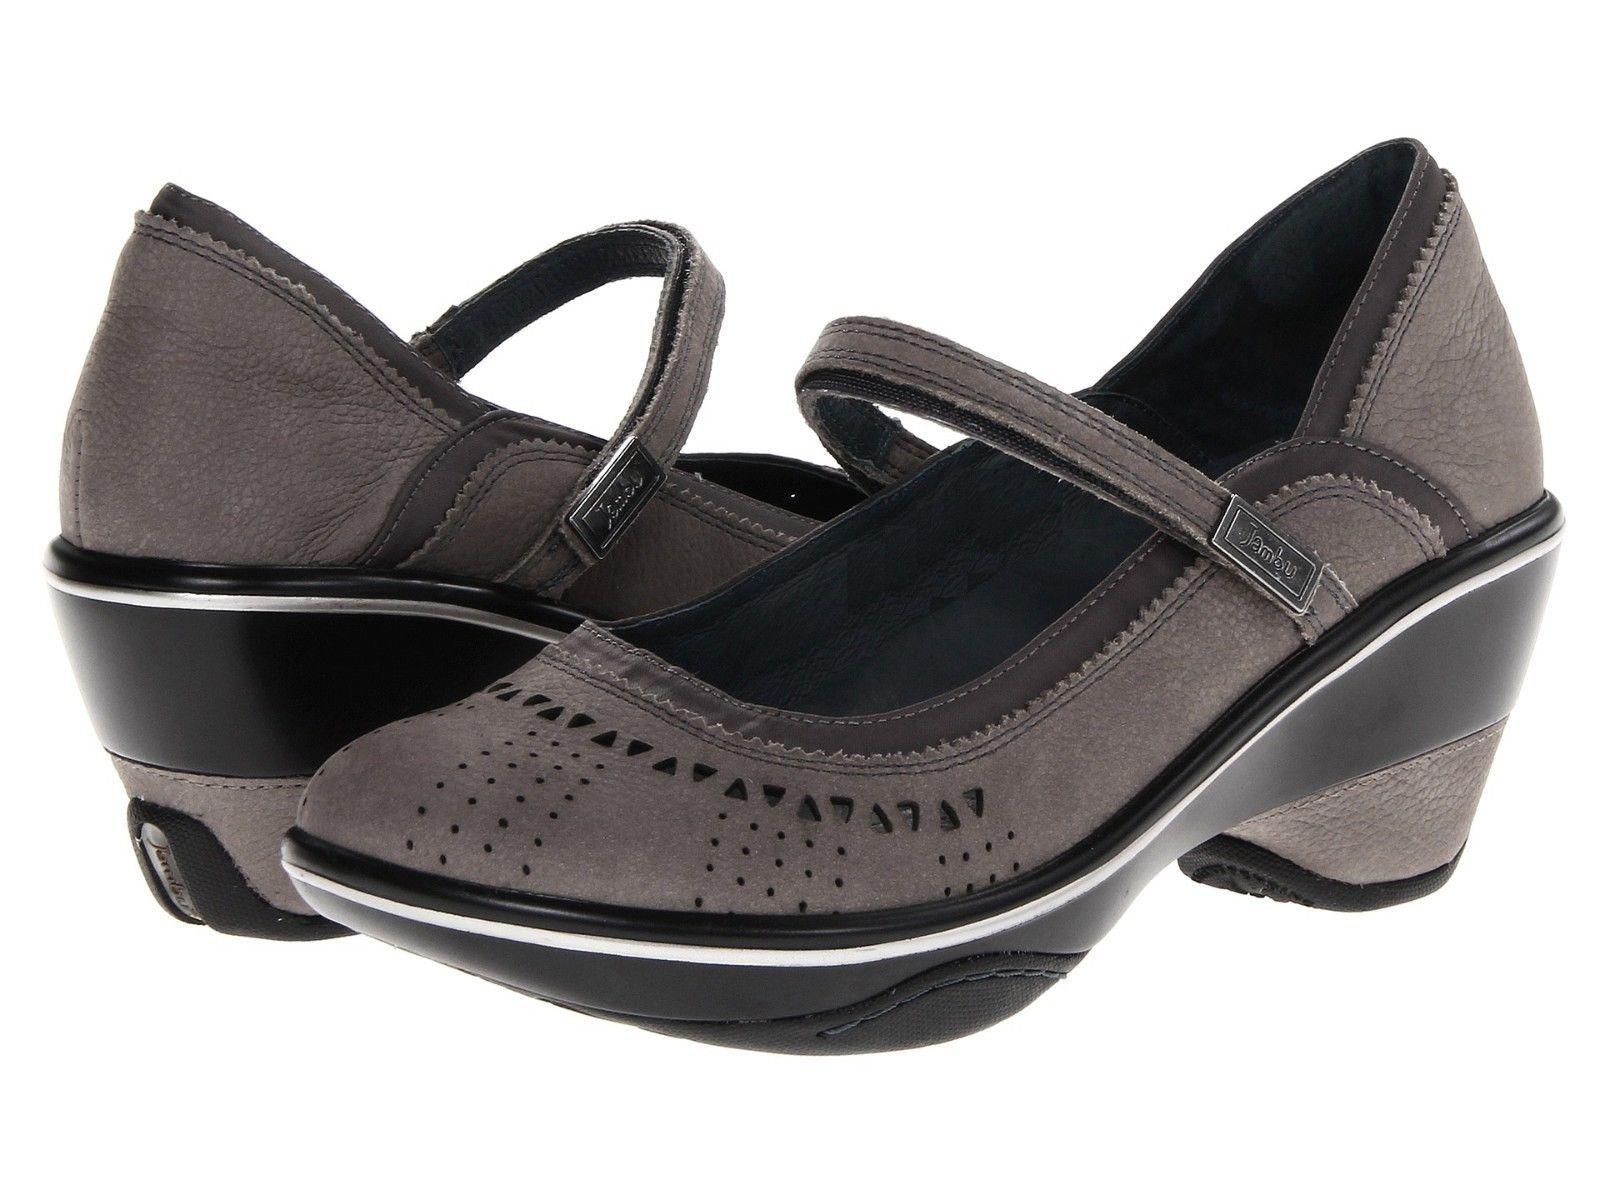 Size 9.5 JAMBU (Suede) Women's Shoe! Reg$140 Sale$79.99 LastPair! - $79.99